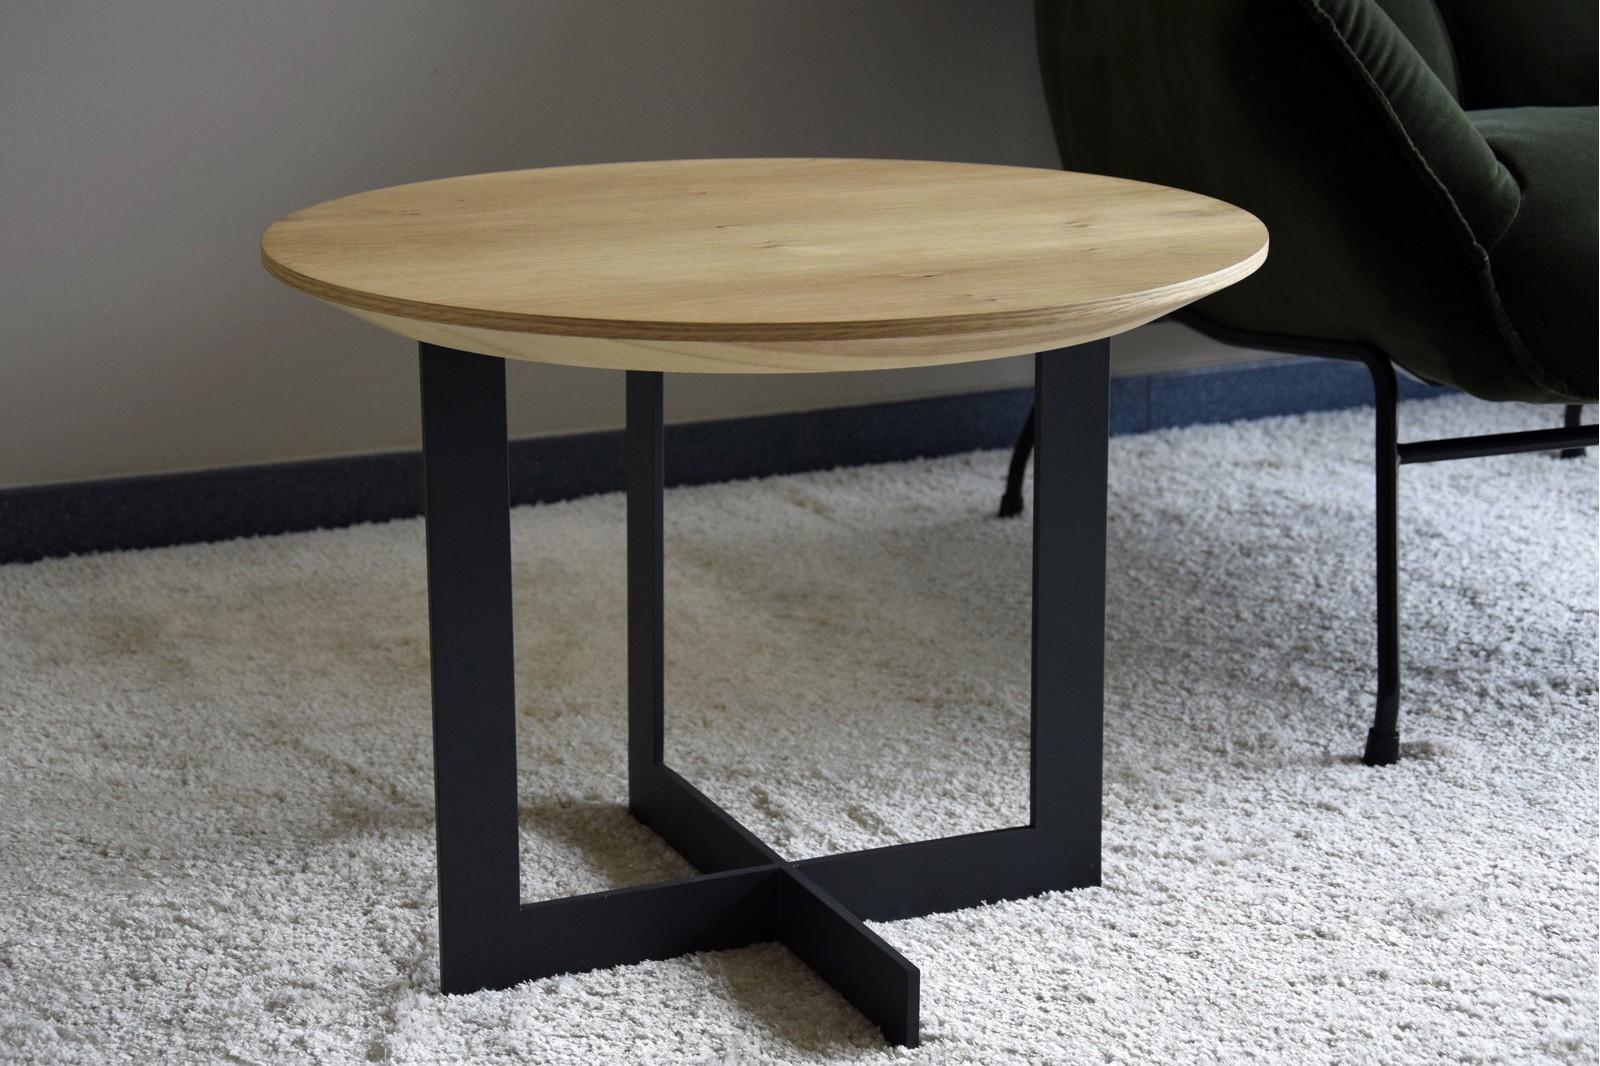 ROUND SIDE TABLE.MATT NATURAL OAK VENEER AND METAL